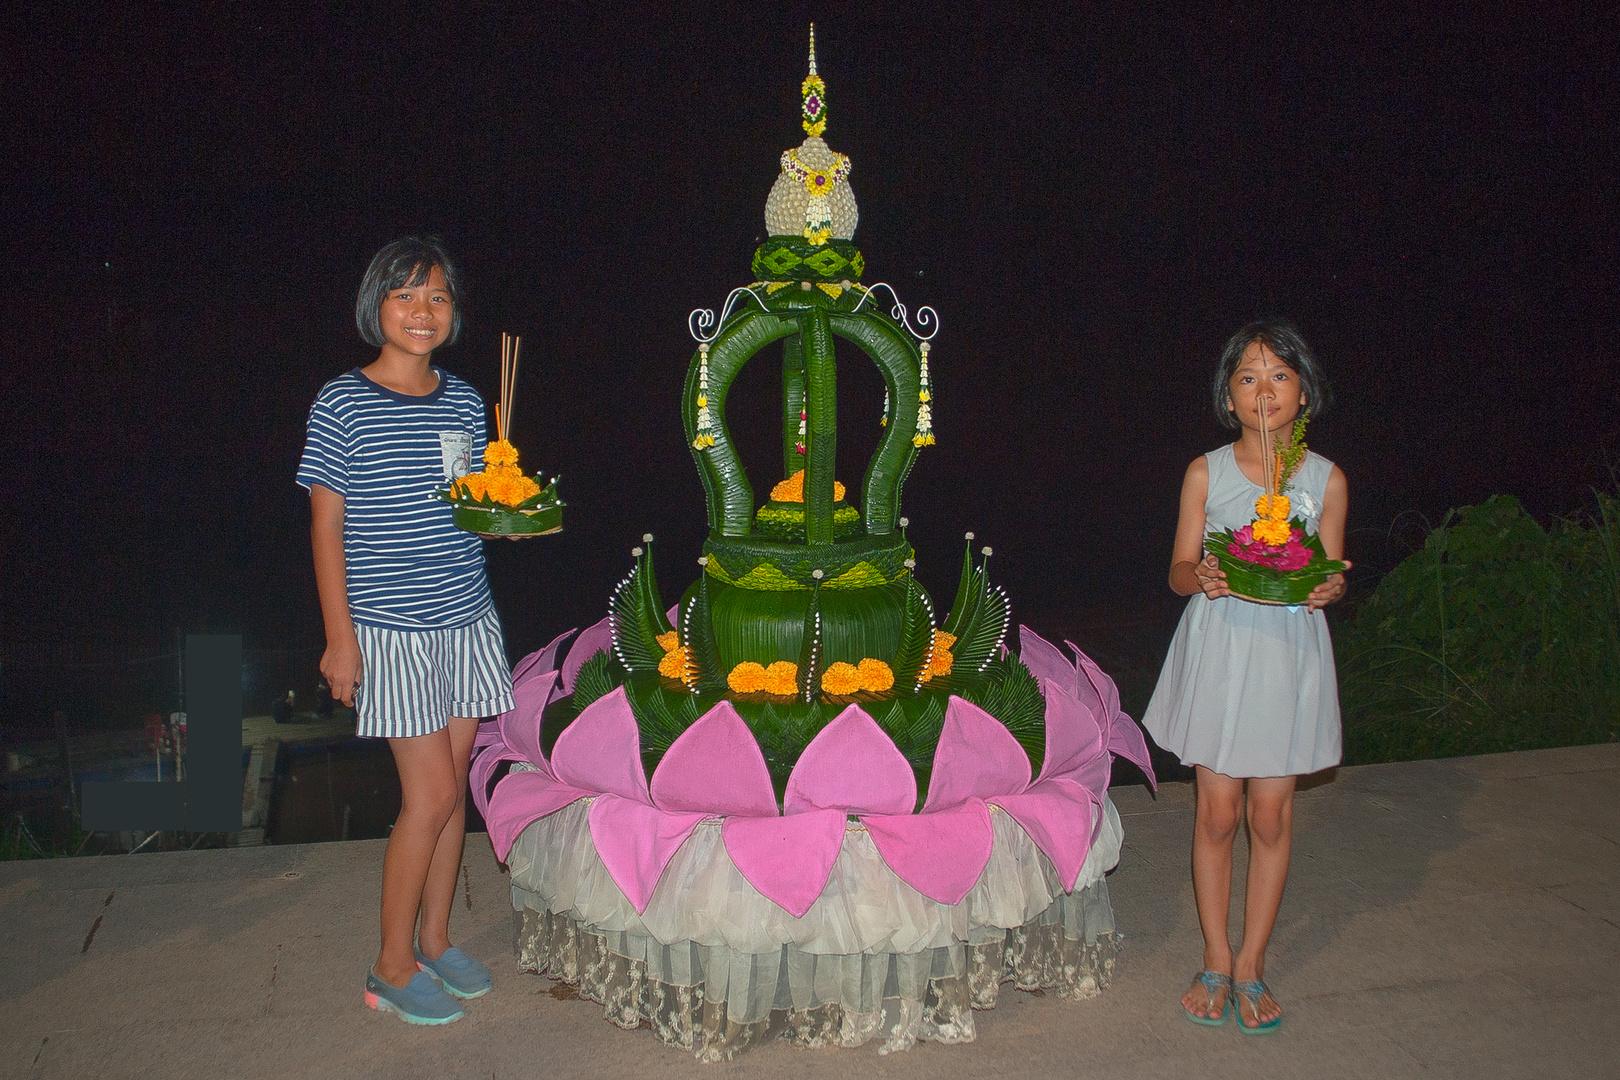 Two girls celebrate Loy Krathong